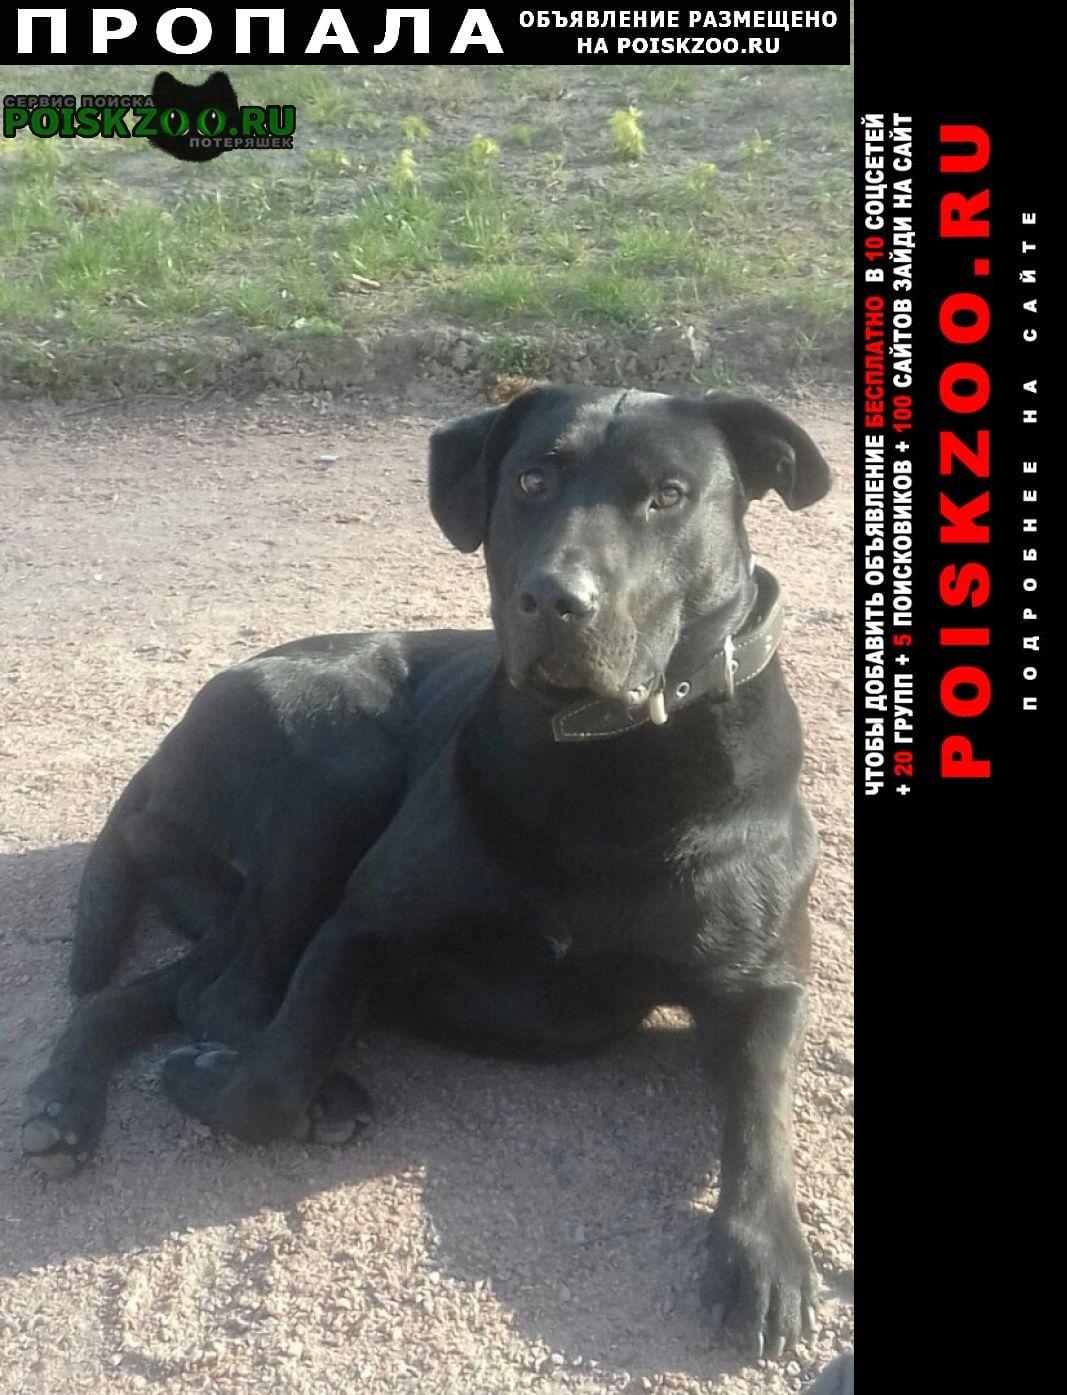 Пропала собака Петродворец